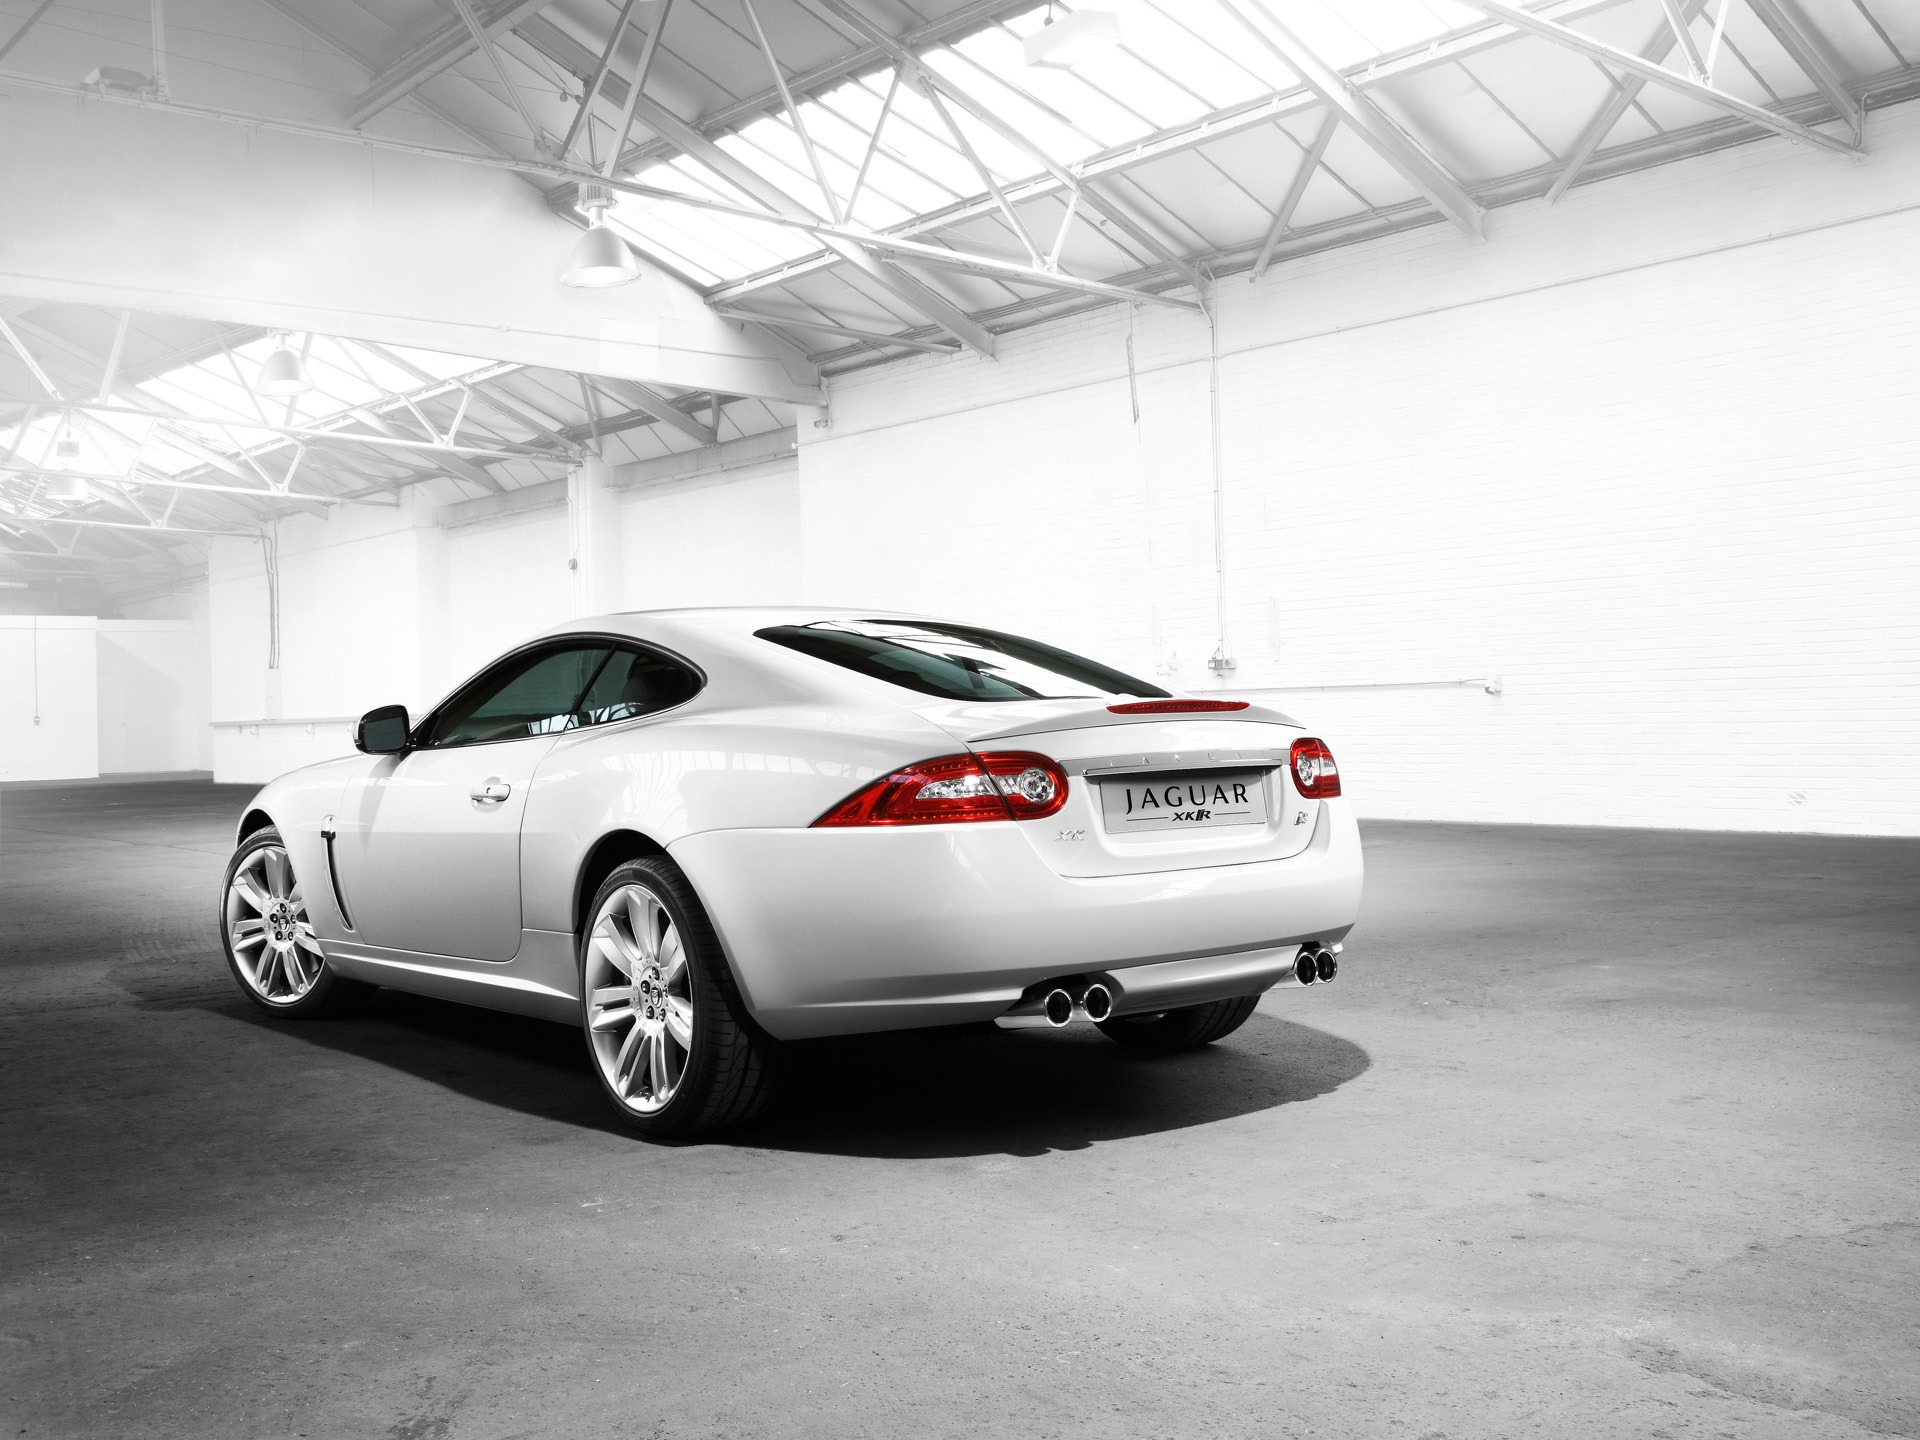 Wallpaper download jaguar - Jaguar Xkr Wallpaper Jaguar Cars